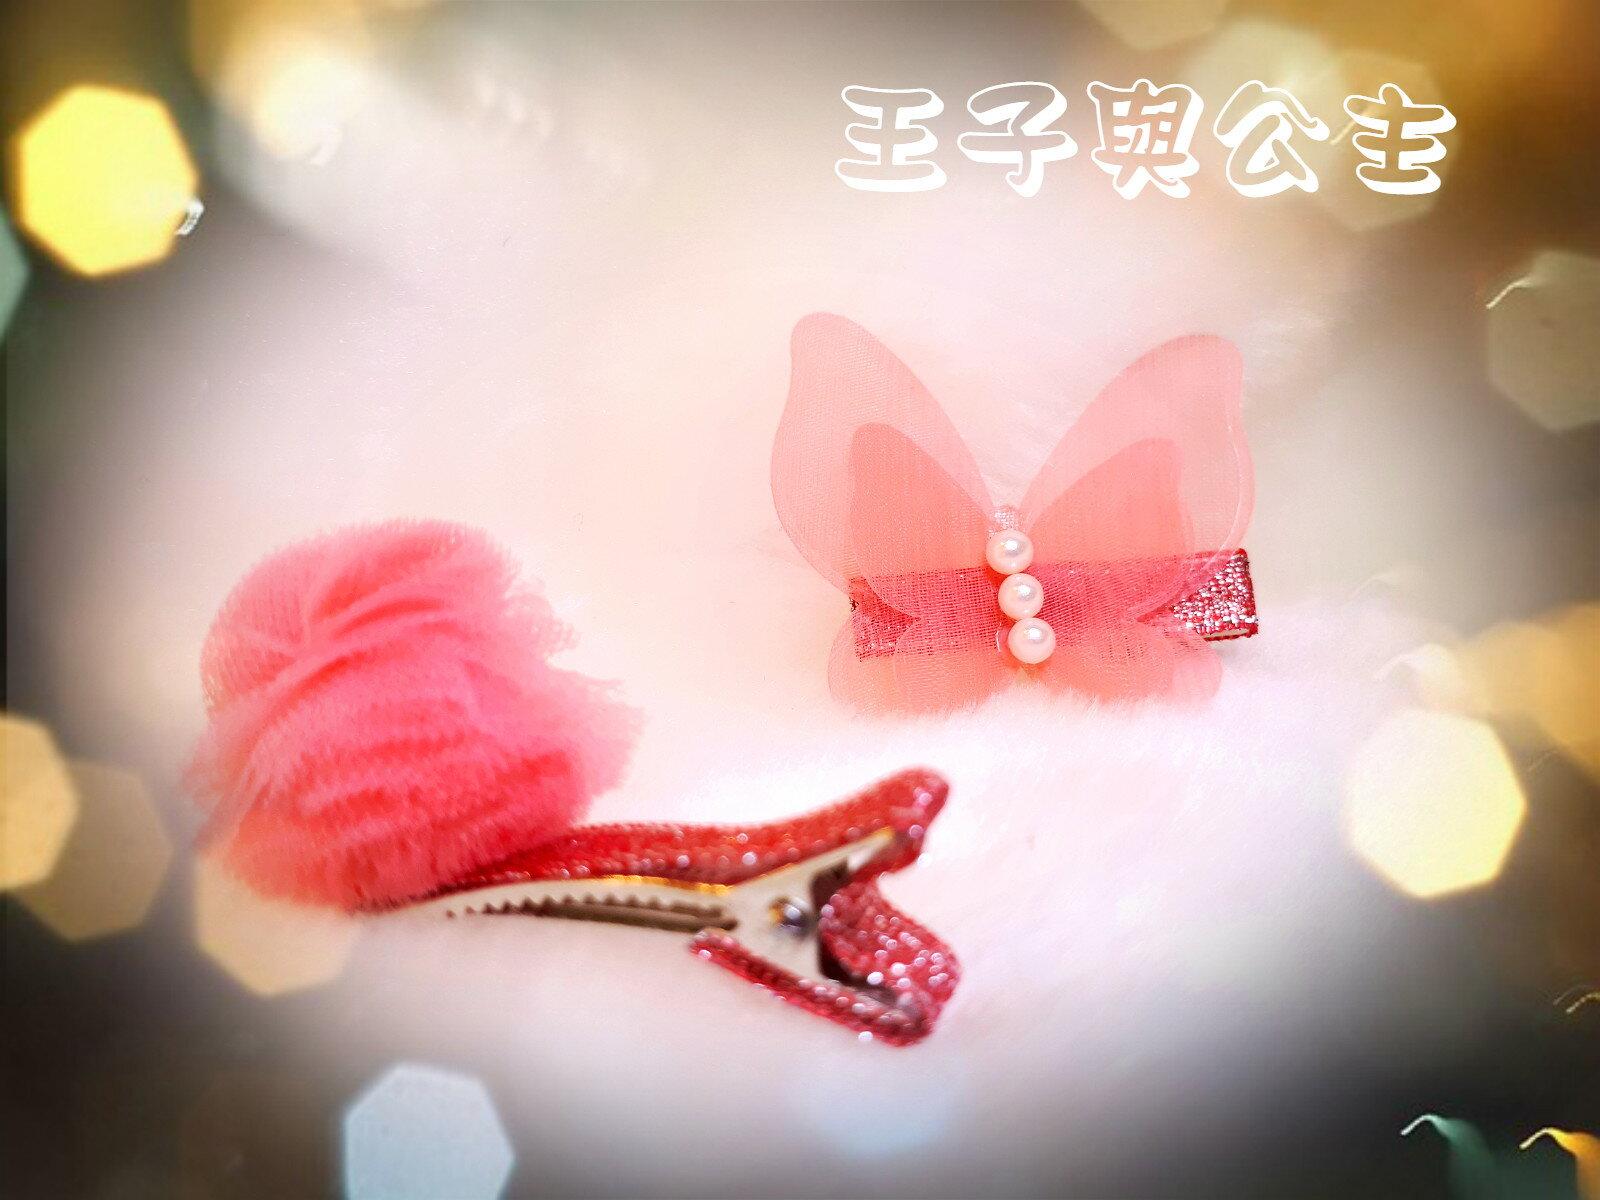 韓版 嬰兒可愛頭飾蝴蝶套裝髮夾AB2001 ----- 日韓/韓流/兒童/同樂會/生日/禮物/王子與公主